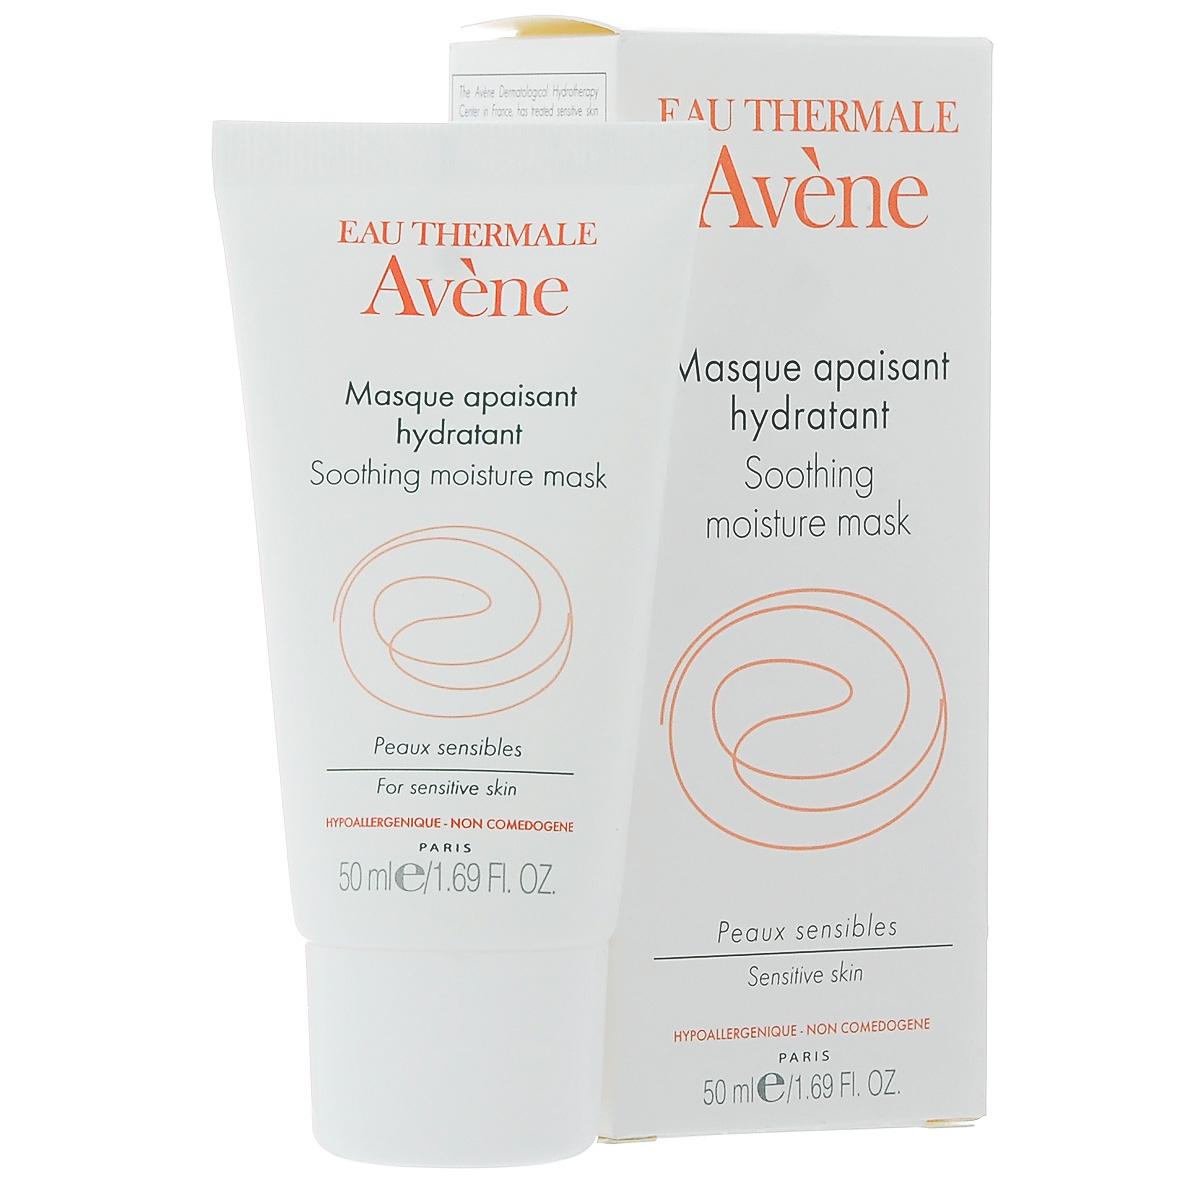 Avene Успокаивающая увлажняющая маска Sensibles для лица 50 млC05139Для ухода за чувствительной кожей, уставшей, утратившей сияние или находящейся во временном состоянии гиперчувствительности (покраснения, стянутость, покалывание, солнечный ожог). Обеспечивает коже успокаивающий и восстанавливающий уход, поддерживает оптимальный уровень увлажненности кожи